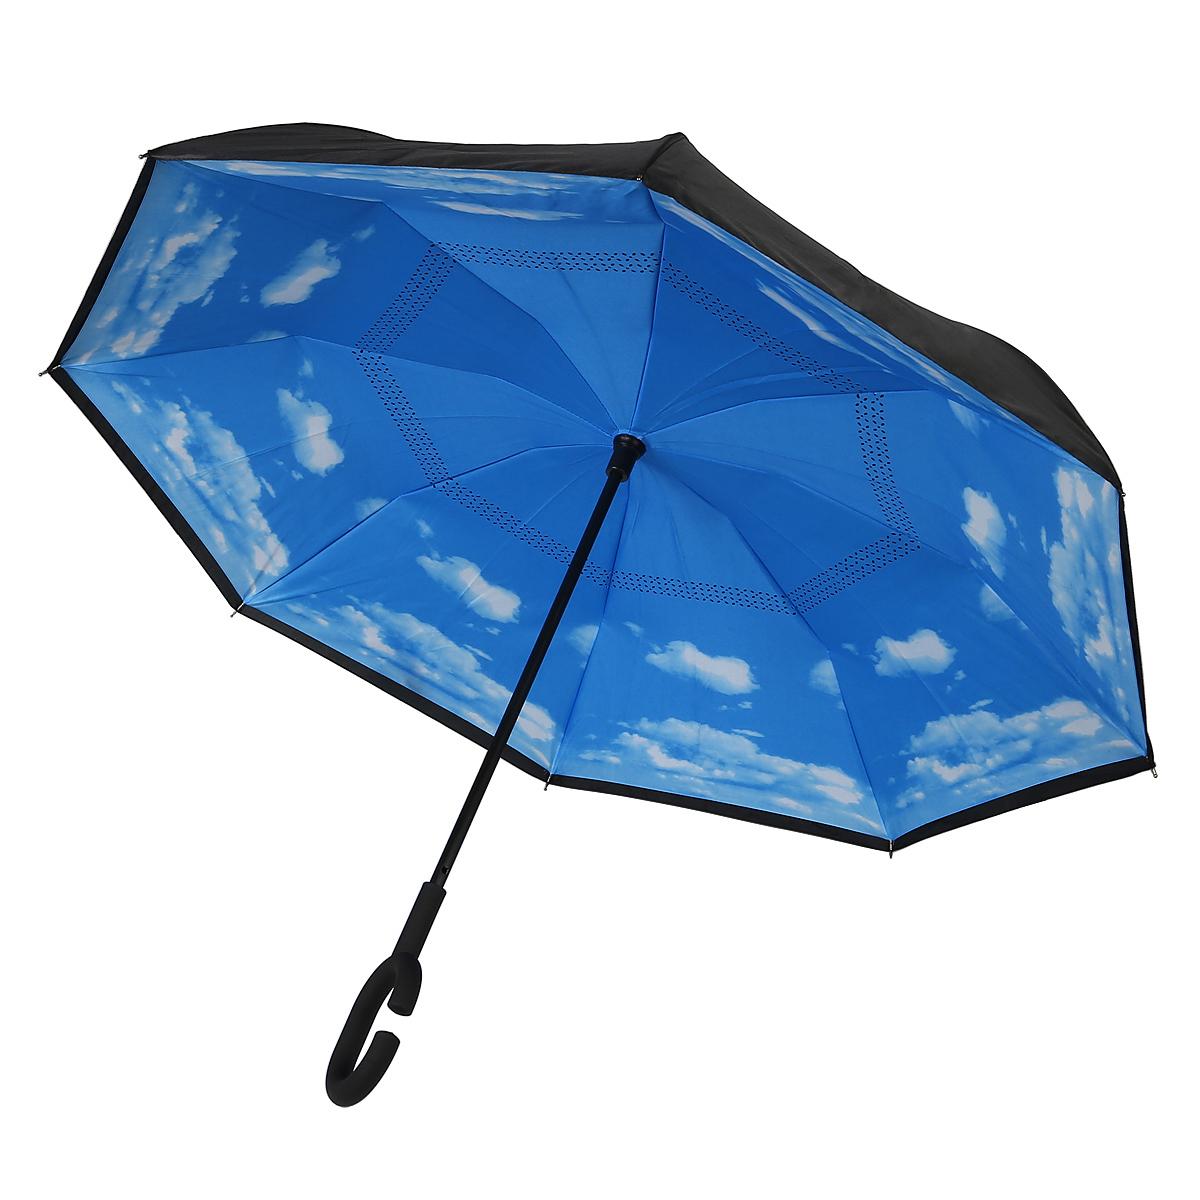 Зонт-трость Эврика Неваляшка. Небо, механика, цвет: голубой, черный. 97854SCPA390Оригинальный зонт-неваляшка надежно защитит вас от дождя. Он никогда не упадет, его удобно сложить и поставить в угол.Зонт складывается внутренней (сухой) стороной наружу, избавляя владельца от контакта с мокрой поверхностью. Приходя в незнакомое место у вас не будет неловкого момента от того, что некуда убрать мокрый зонт - вы сможете спокойно высушить его позже, закончив свои дела. Зонт очень удобен для автомобилистов: садясь в машину, Вы аккуратно закрываете зонт, не уронив ни одной капли воды в салоне.Удобная ручка позволяет высвободить обе руки - Вы спокойно можете пользоваться телефоном, а зонт будет надежно держатьсяна вашем запястье, защищая от капризов природы. Рисунок на внутренней части зонта поднимет вам настроение! С таким зонтом больше ничто не испортит ваших планов!